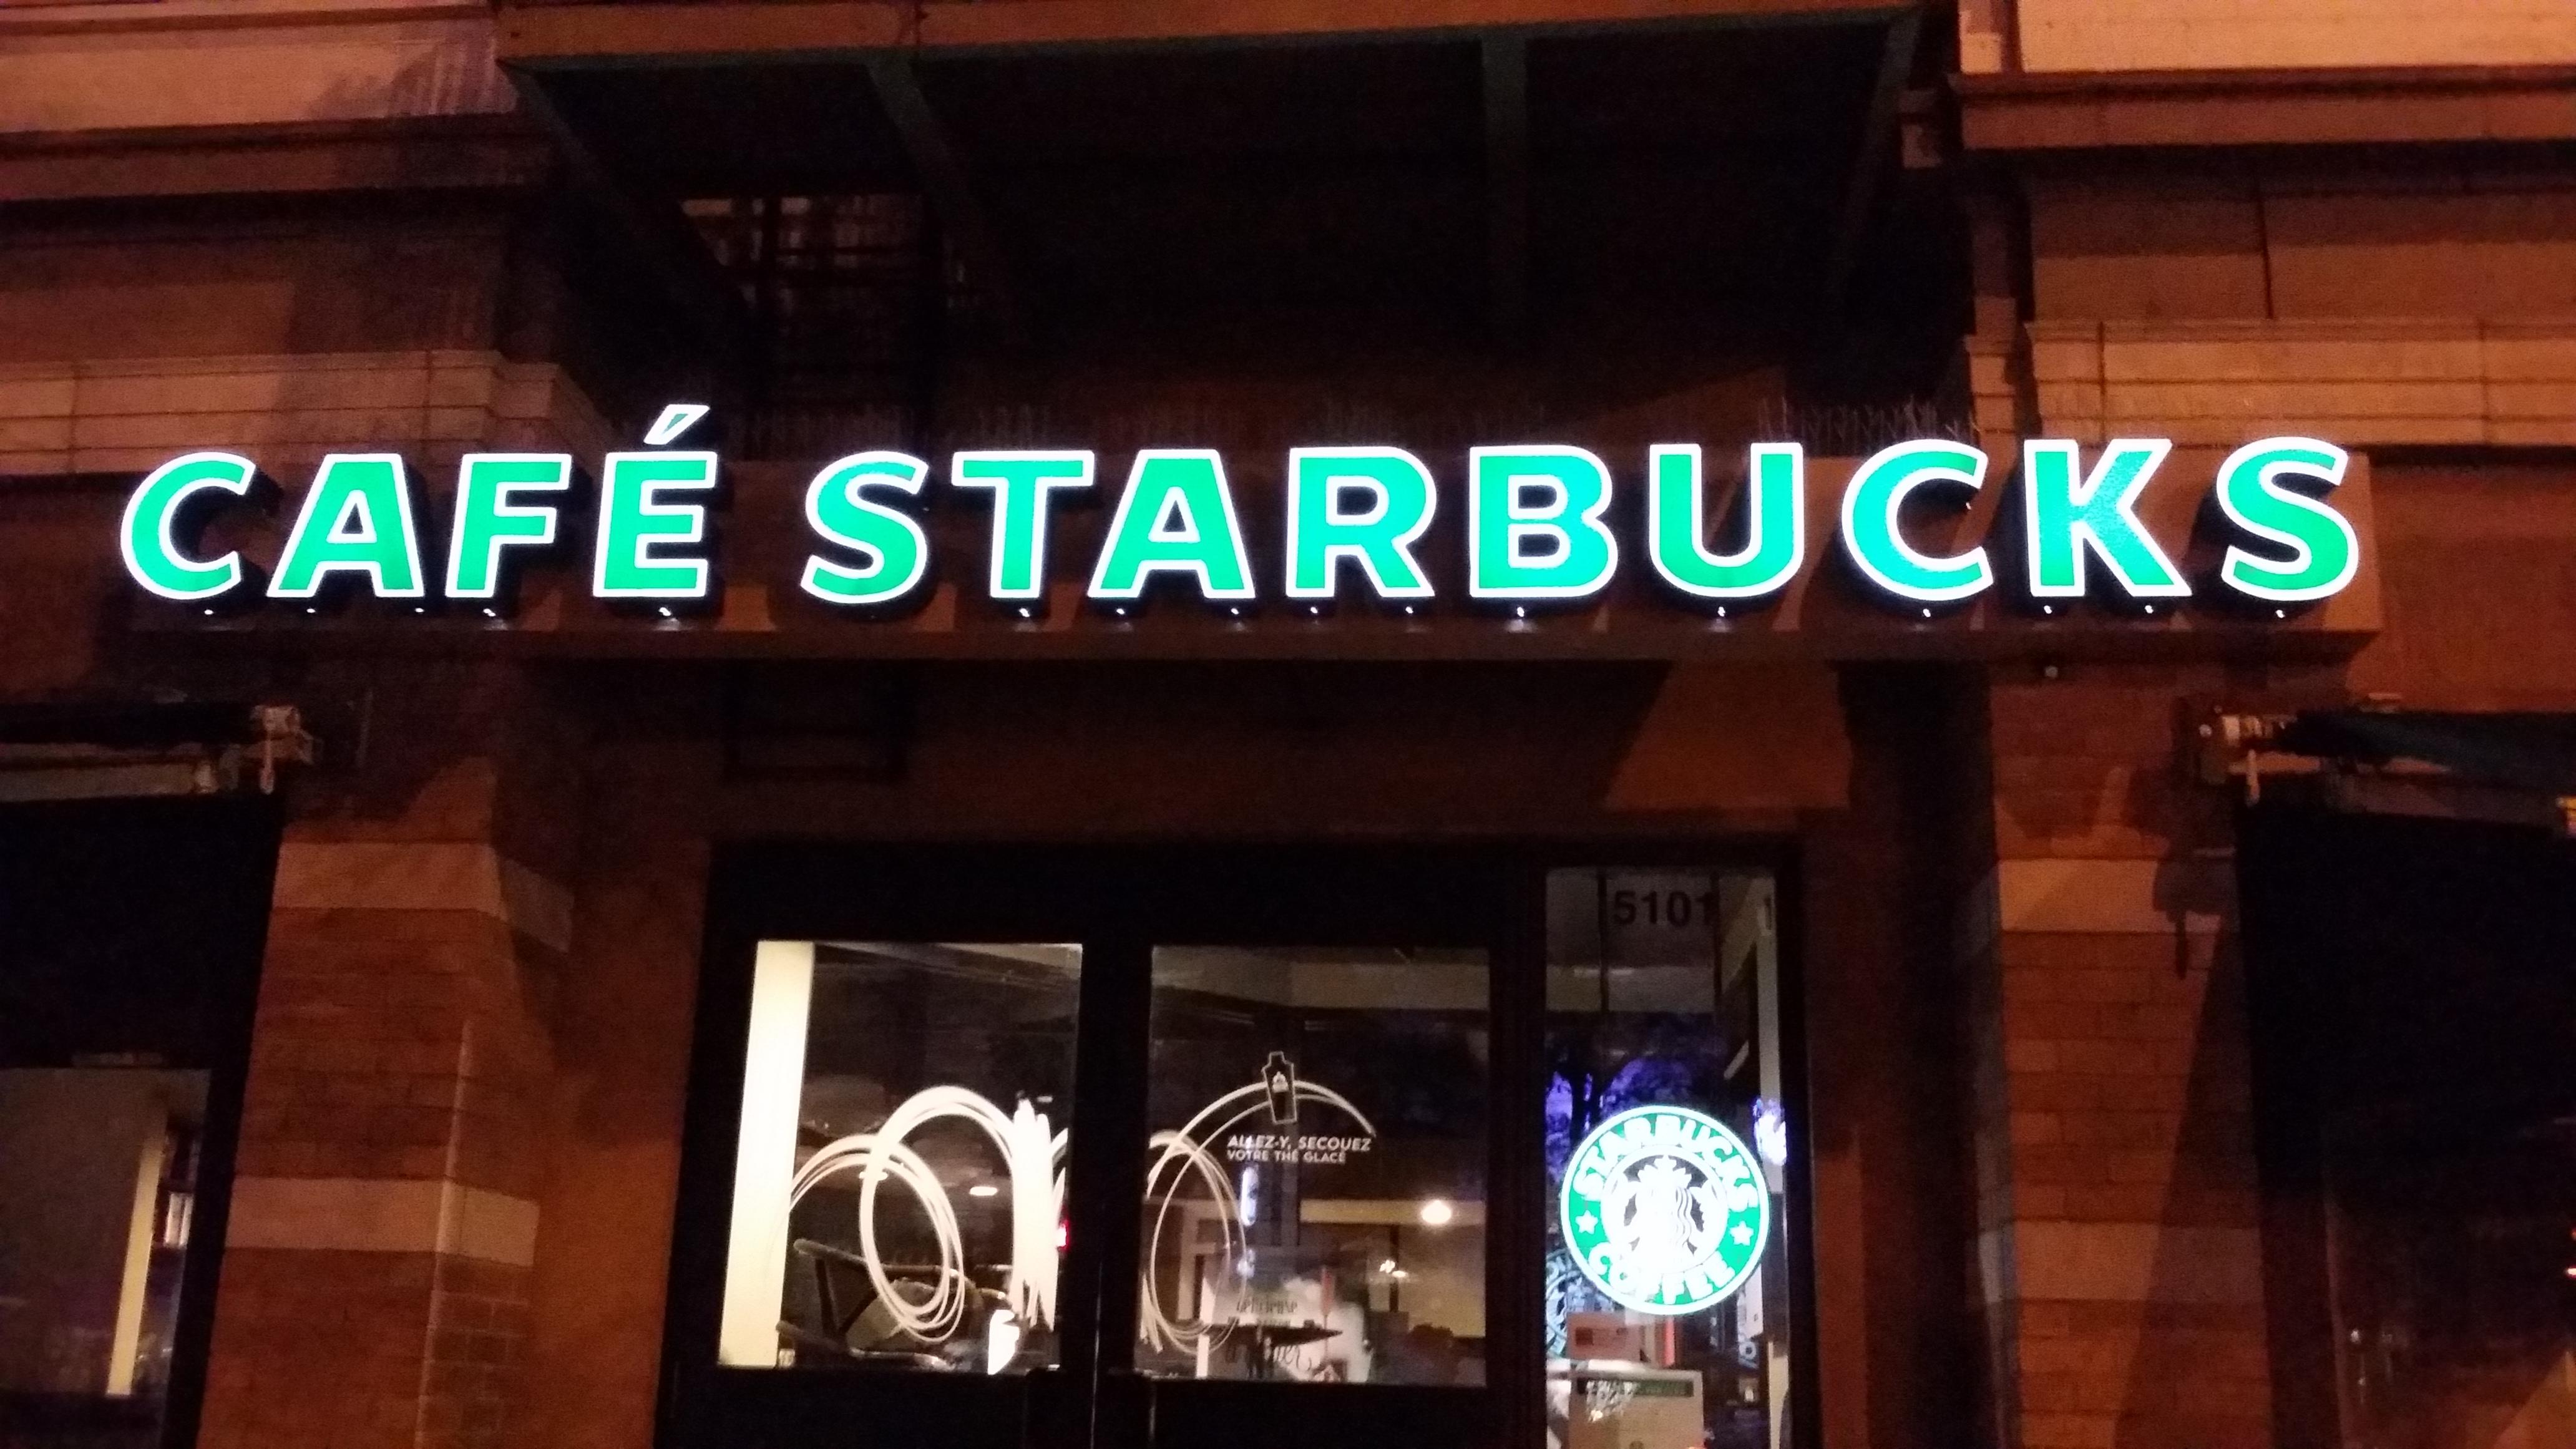 Cafe Quebec City